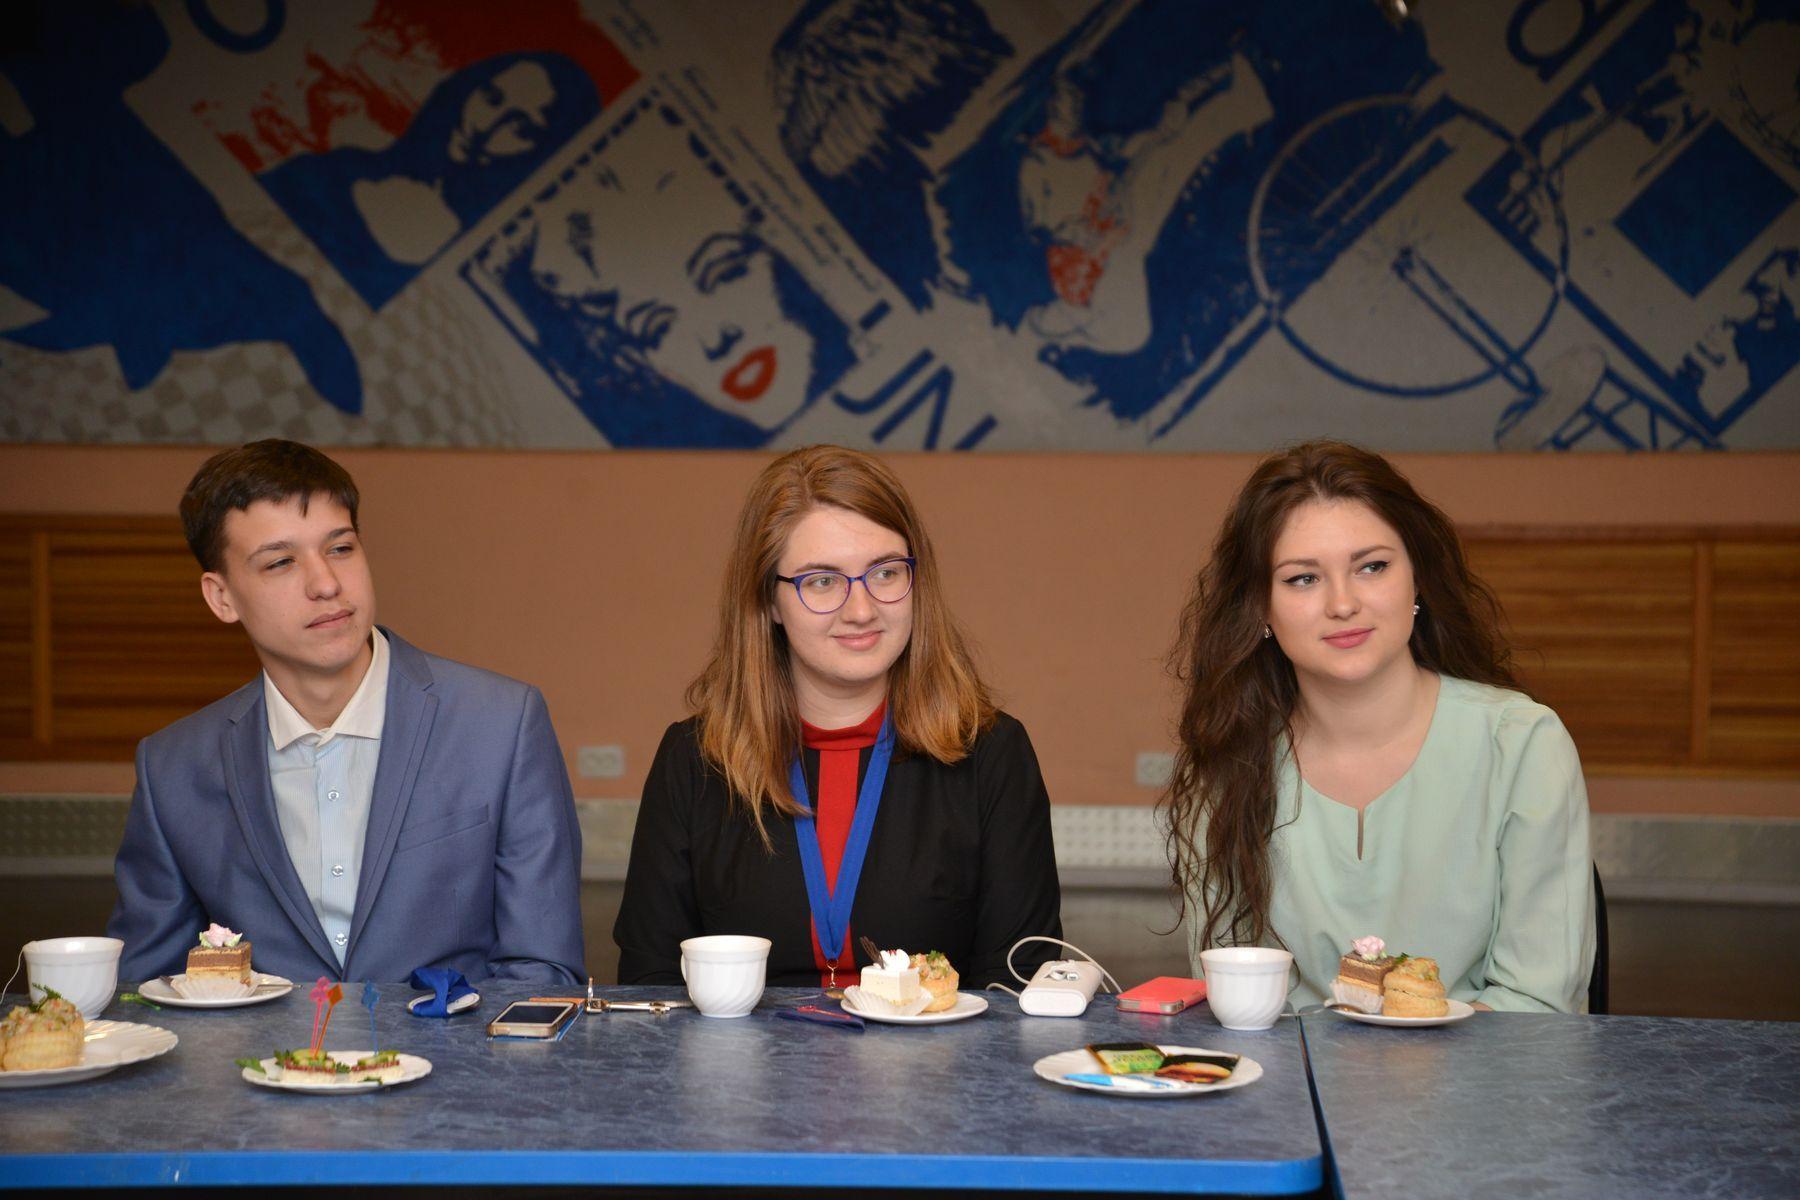 Лучшие студенты ВГУЭС встретились с ректором и президентом университета